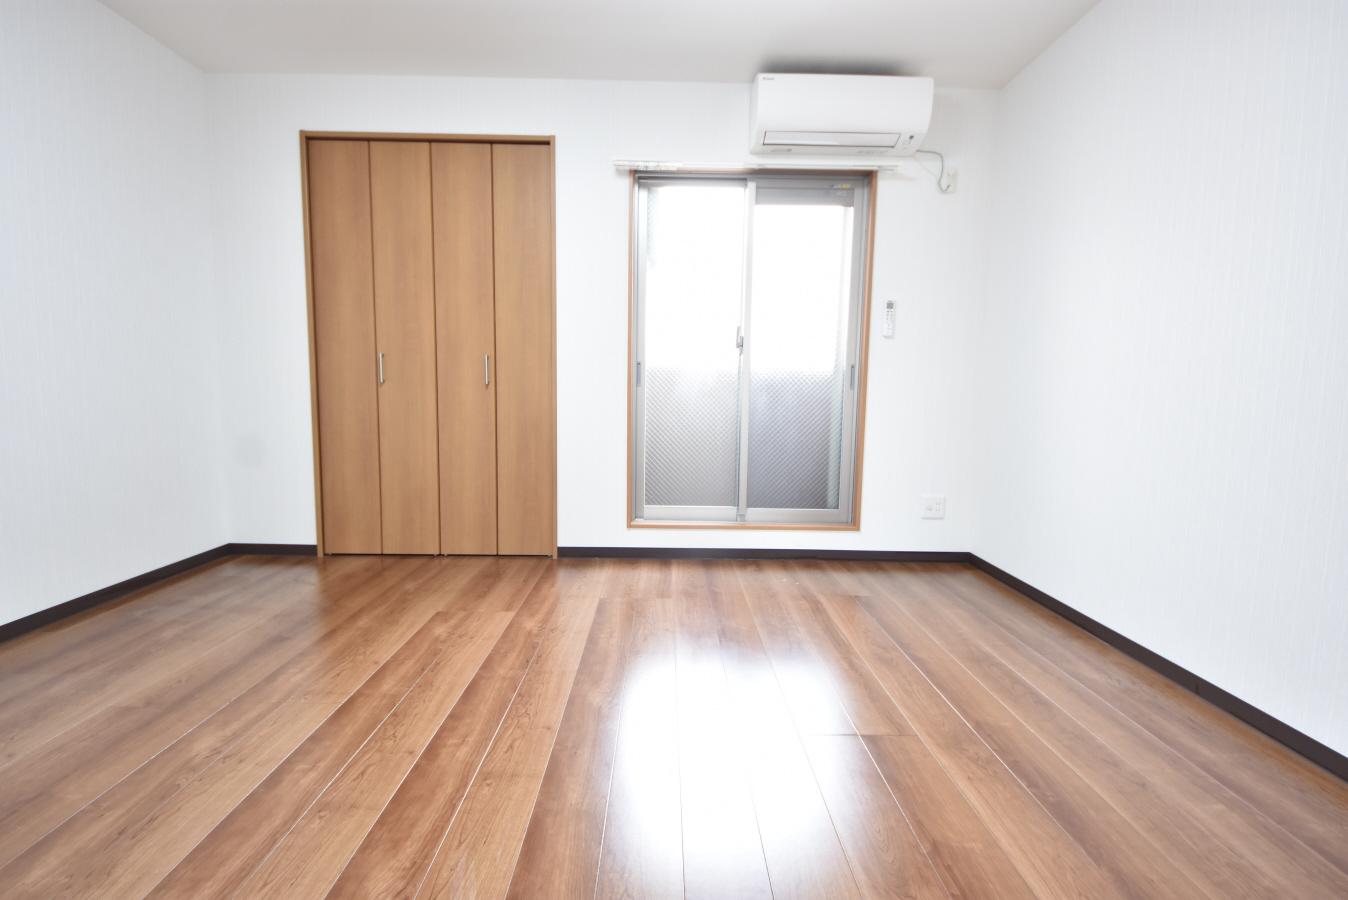 物件番号: 1025883934 第二リーフハイツ  神戸市中央区日暮通1丁目 1DK マンション 画像1